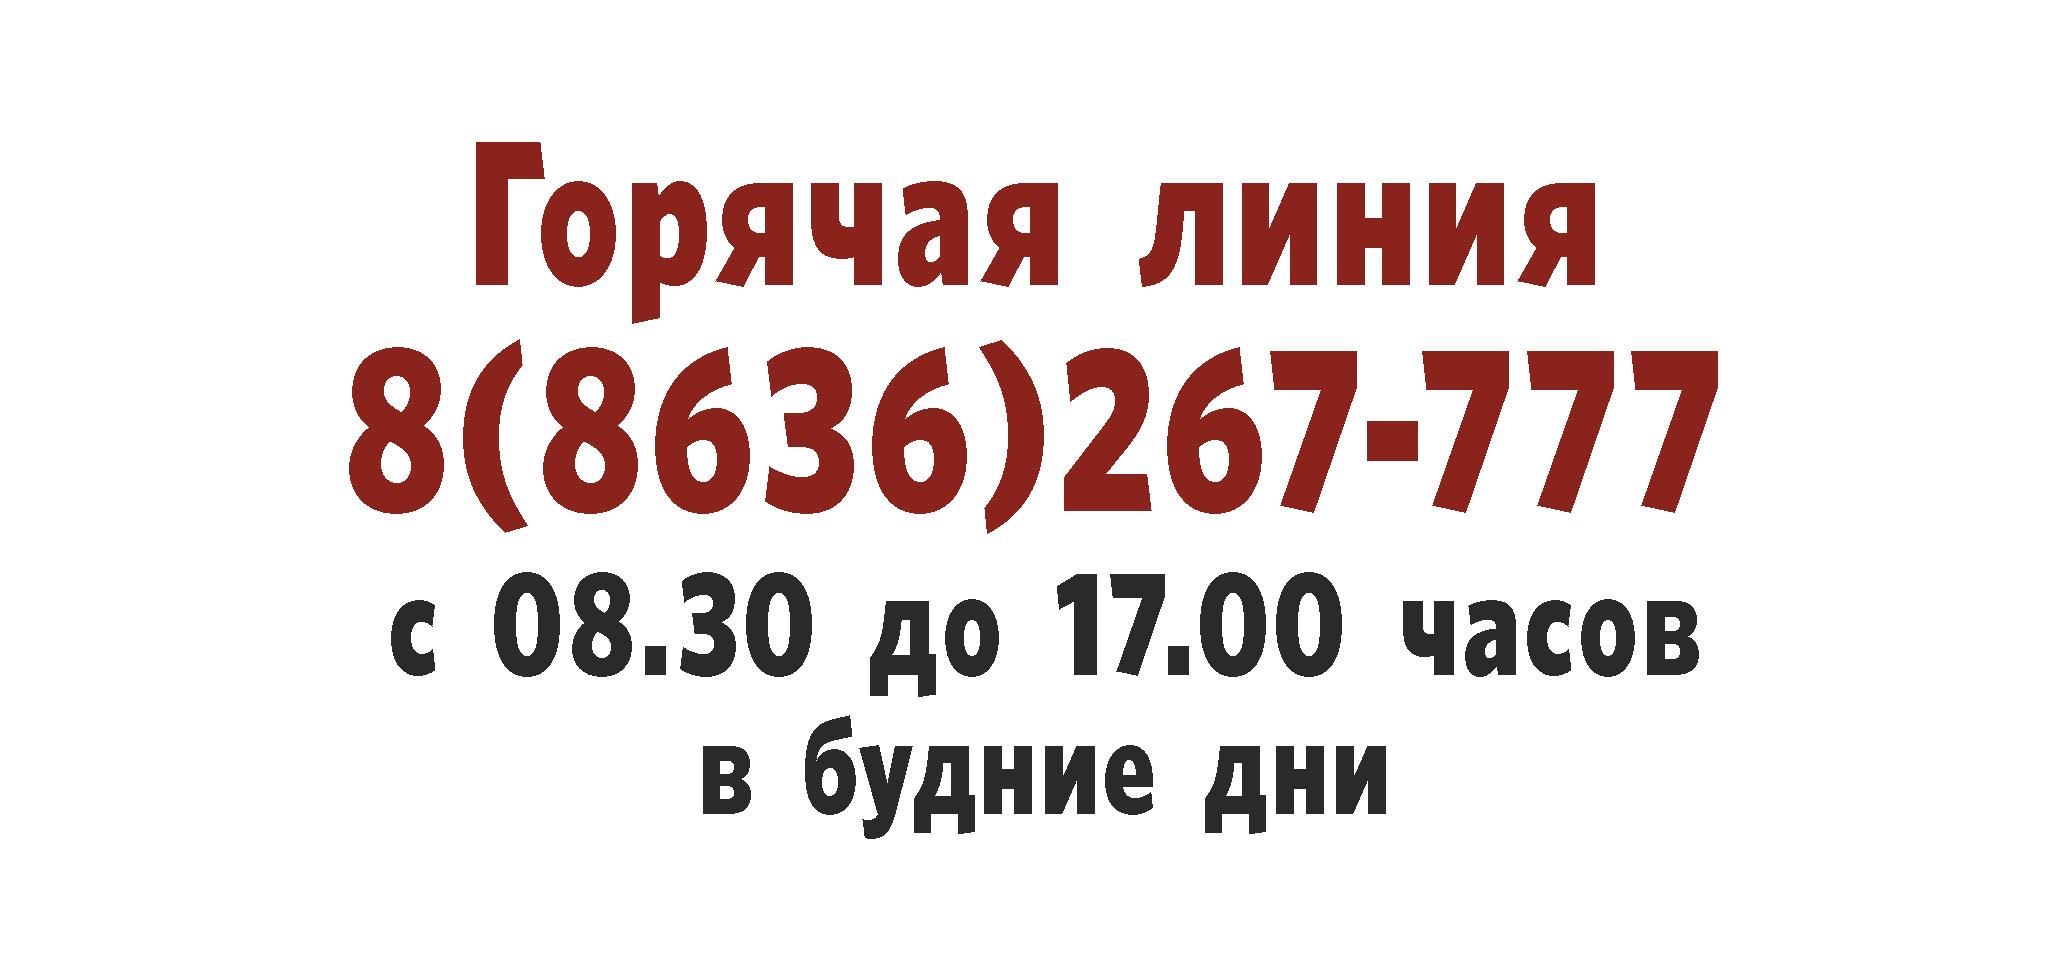 вакансии работы в пфр в москве без опыта работы